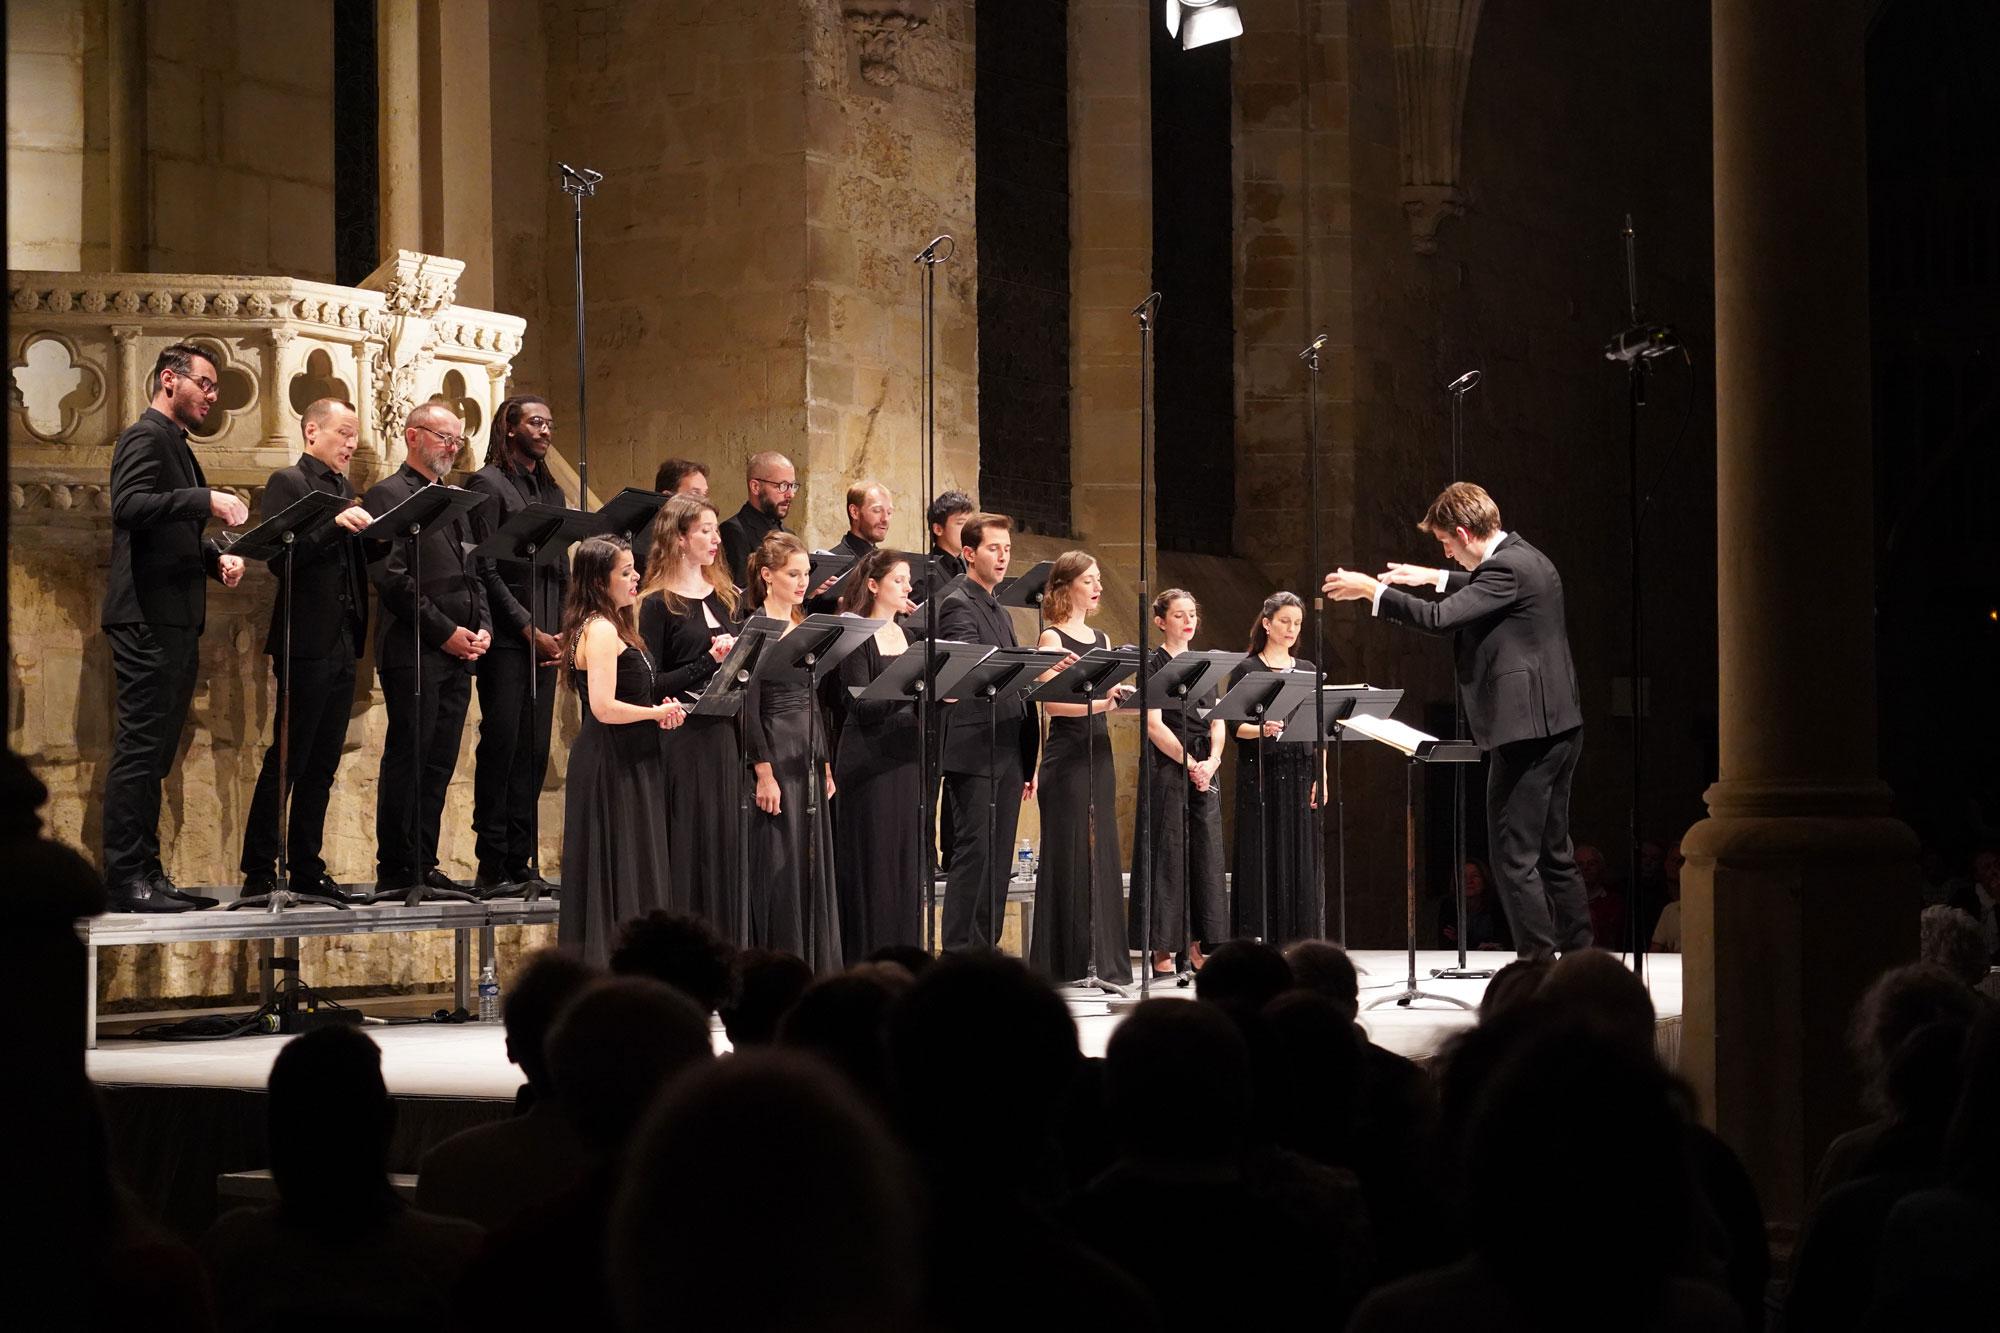 Concert des Métaboles dans le réfectoire des moines